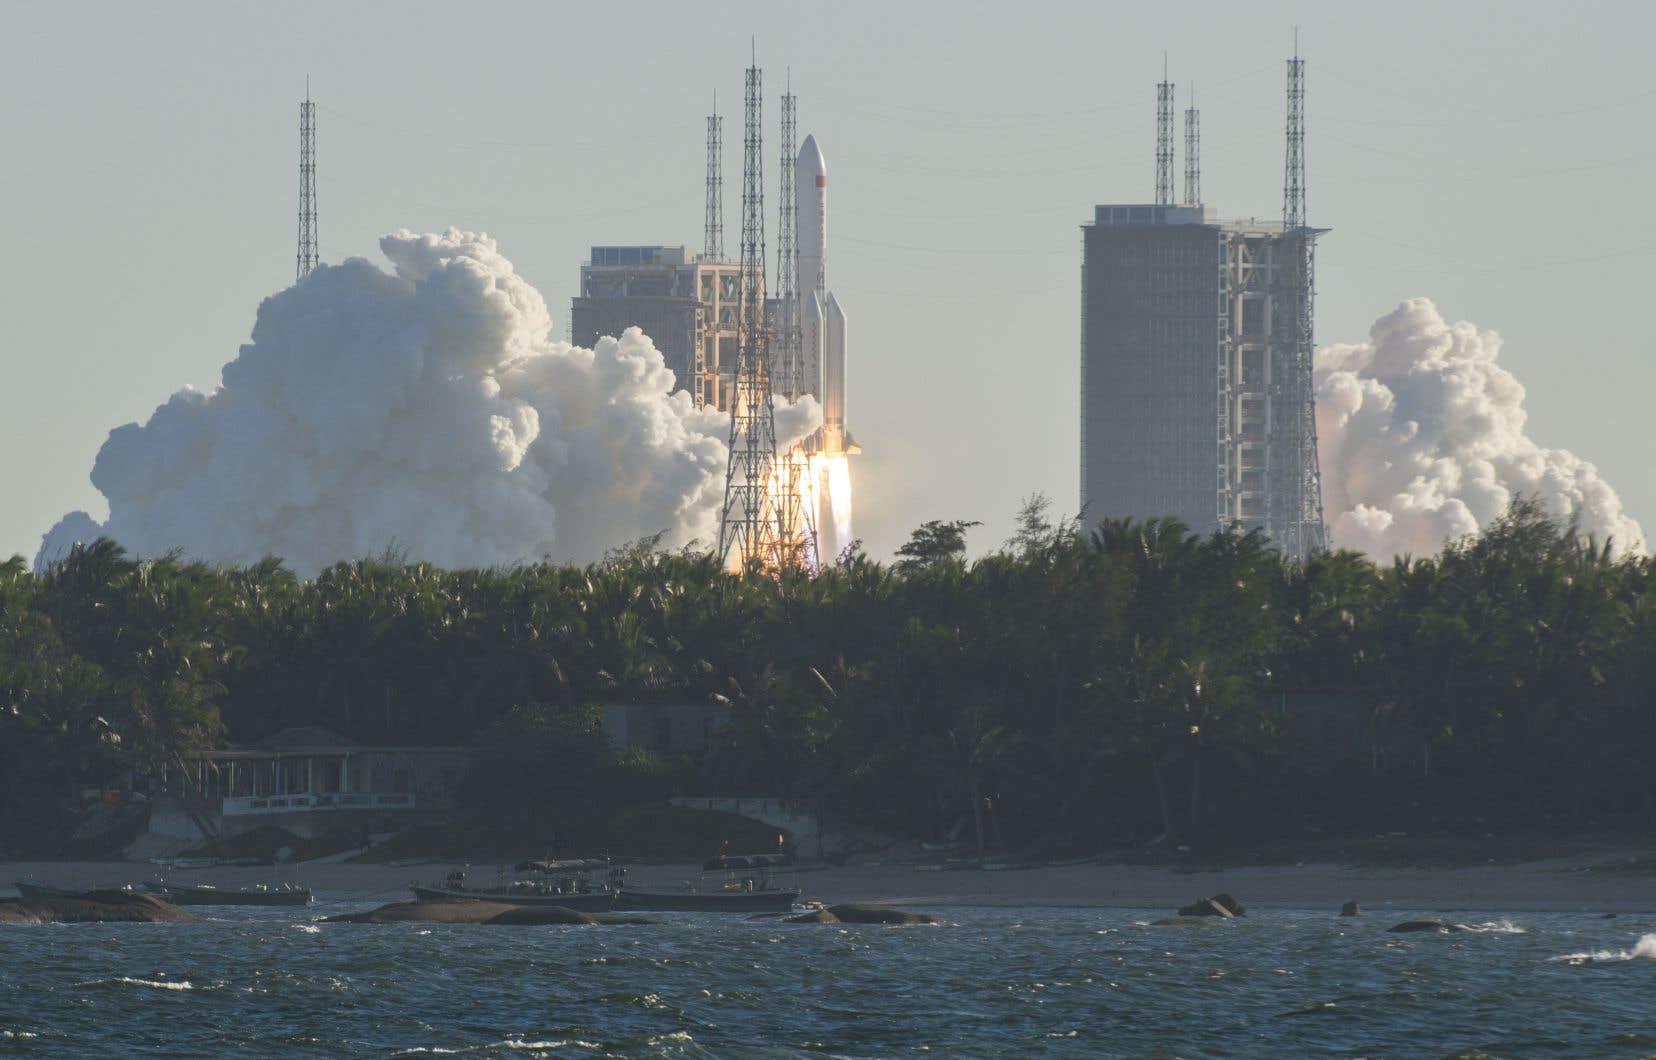 <p>L'engin a été propulsé depuis la base de Wenchang sur l'île de Hainan (sud) à l'aide d'une fusée Longue-Marche 5B, dont c'était le vol inaugural, a indiqué Chine nouvelle.</p>